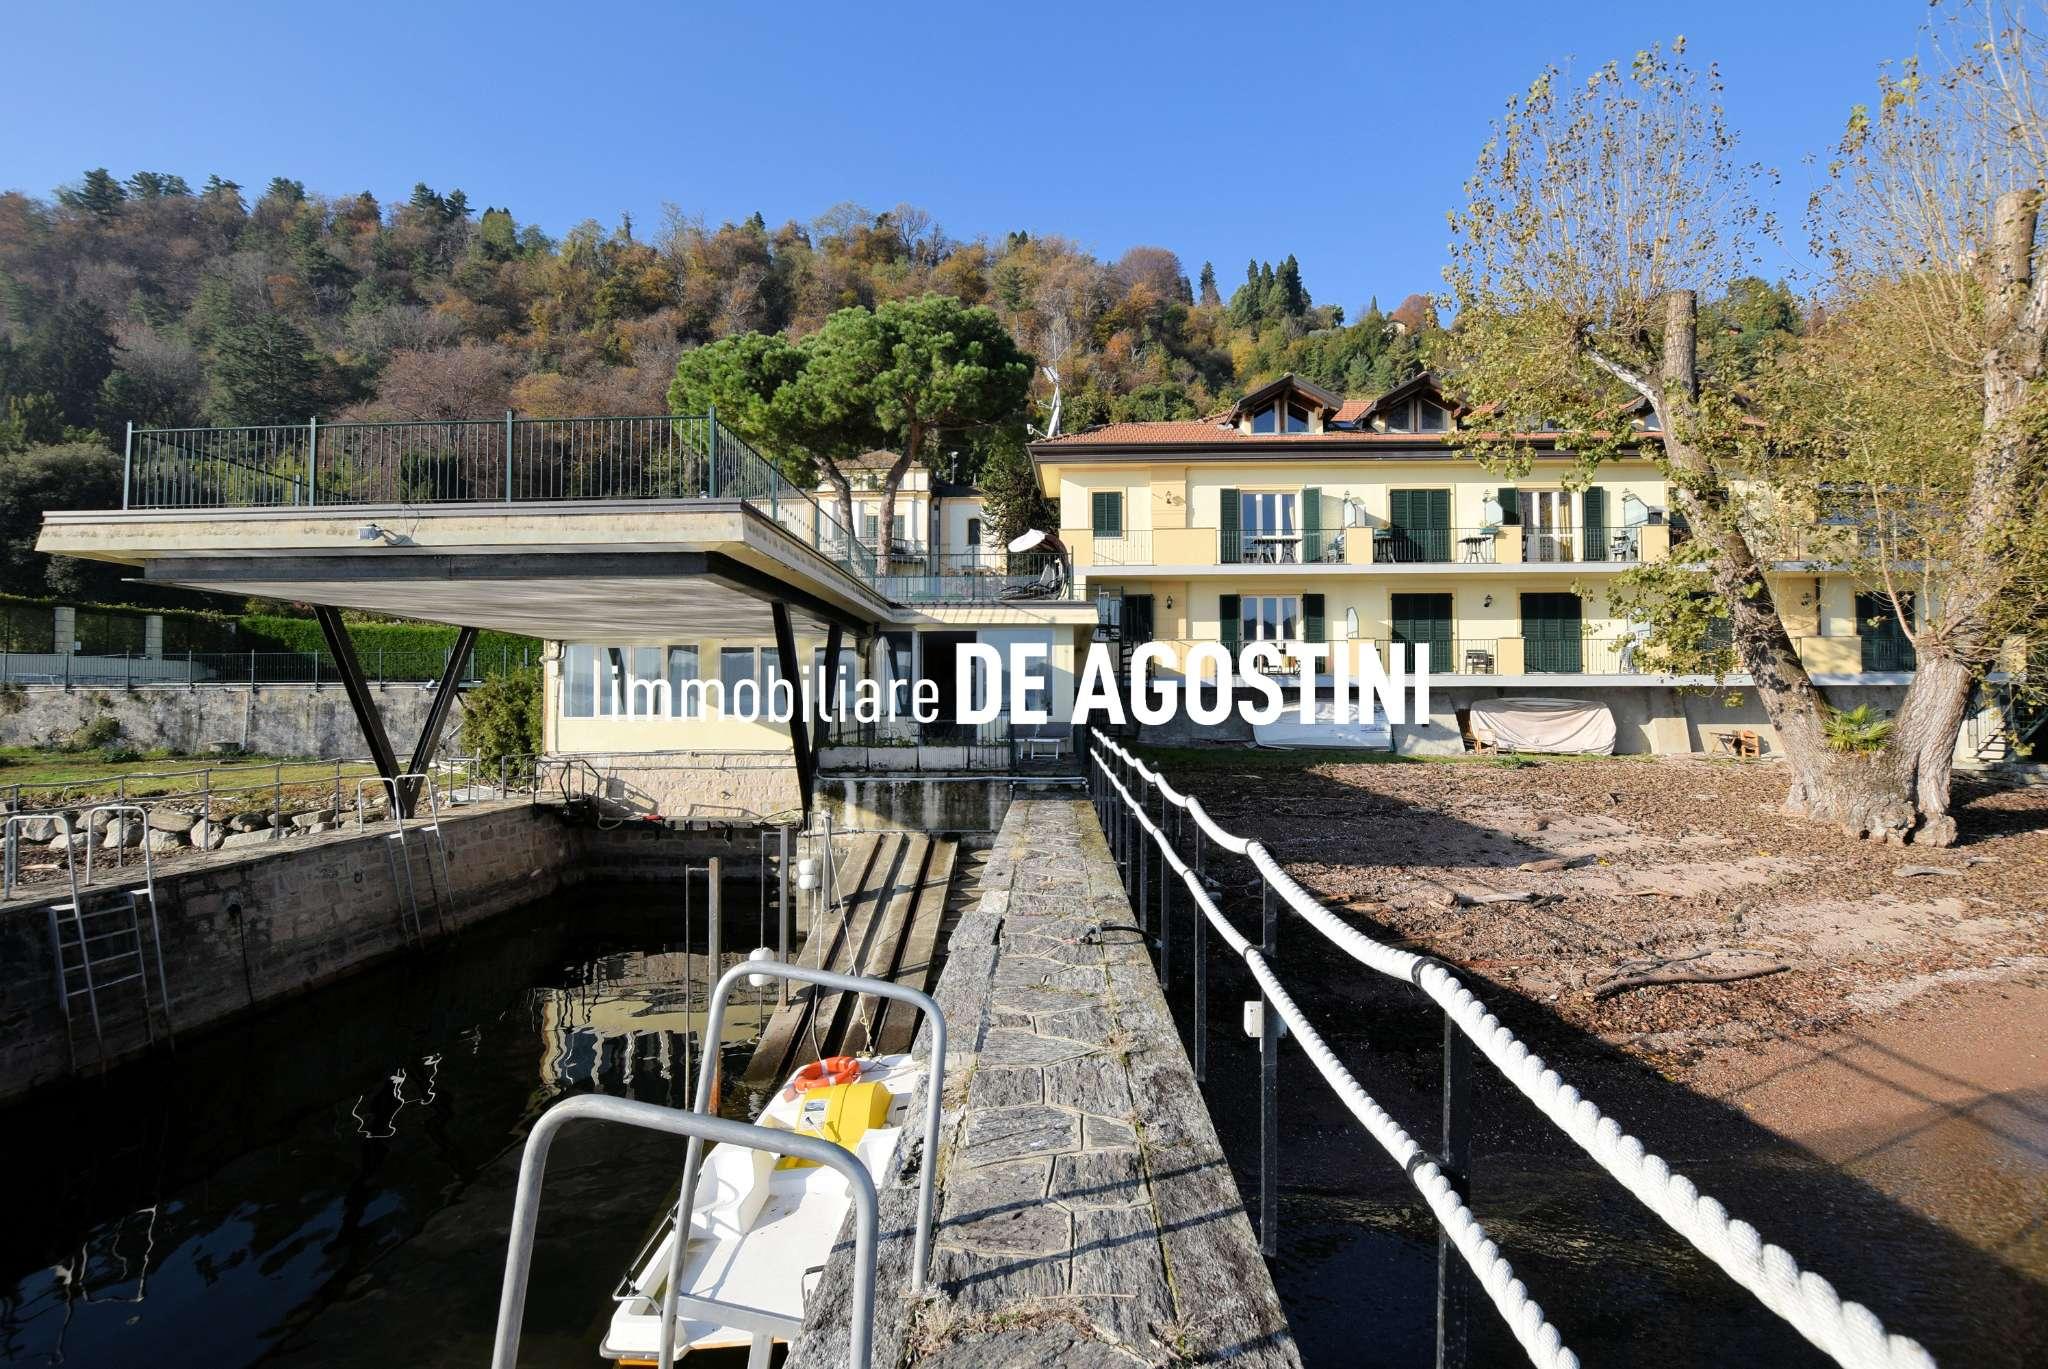 Appartamento in vendita a Meina, 2 locali, prezzo € 250.000 | PortaleAgenzieImmobiliari.it